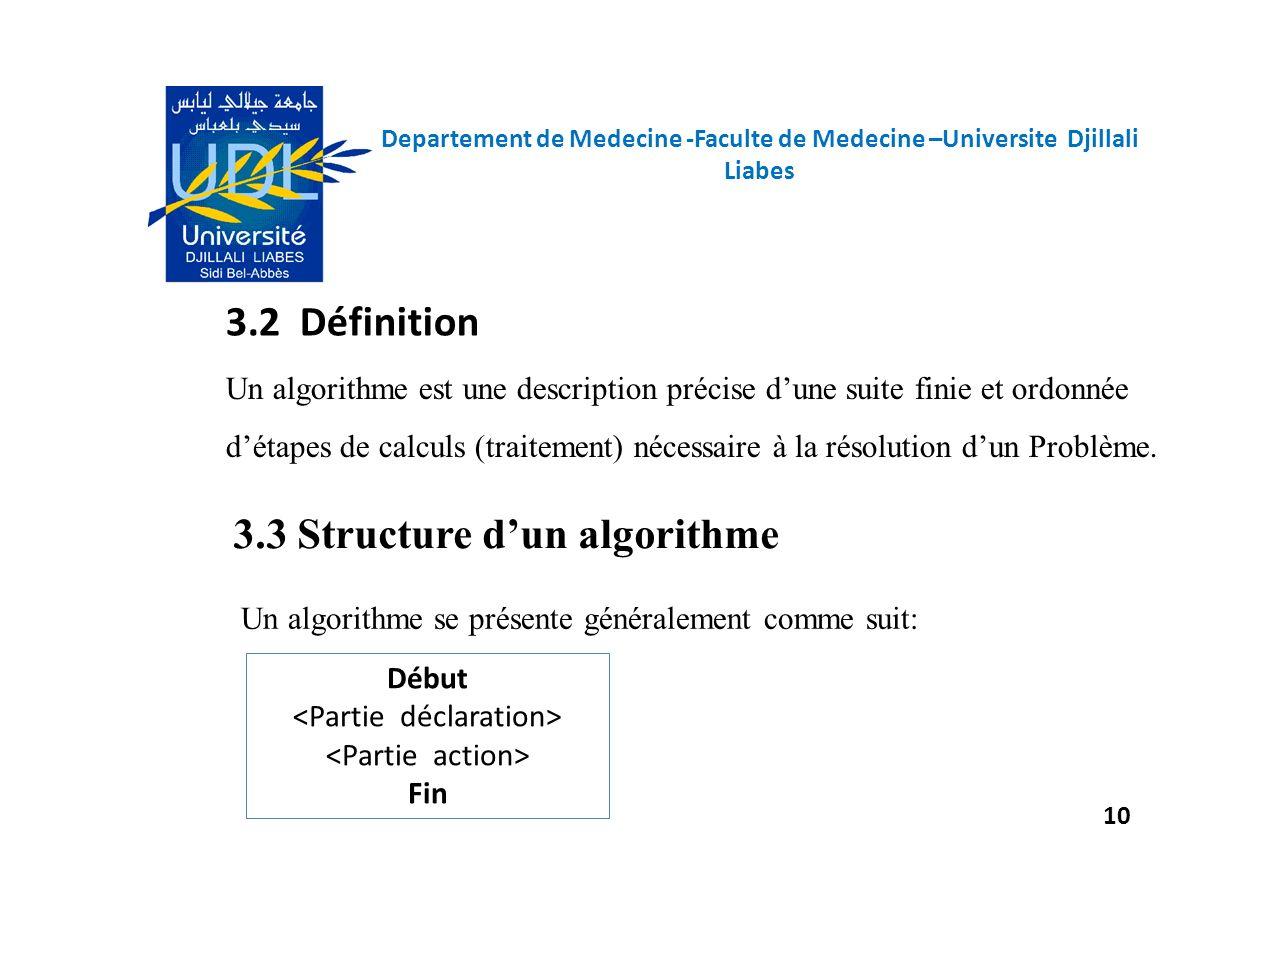 Un algorithme se présente généralement comme suit: 3.2 Définition 3.3 Structure dun algorithme Un algorithme est une description précise dune suite fi